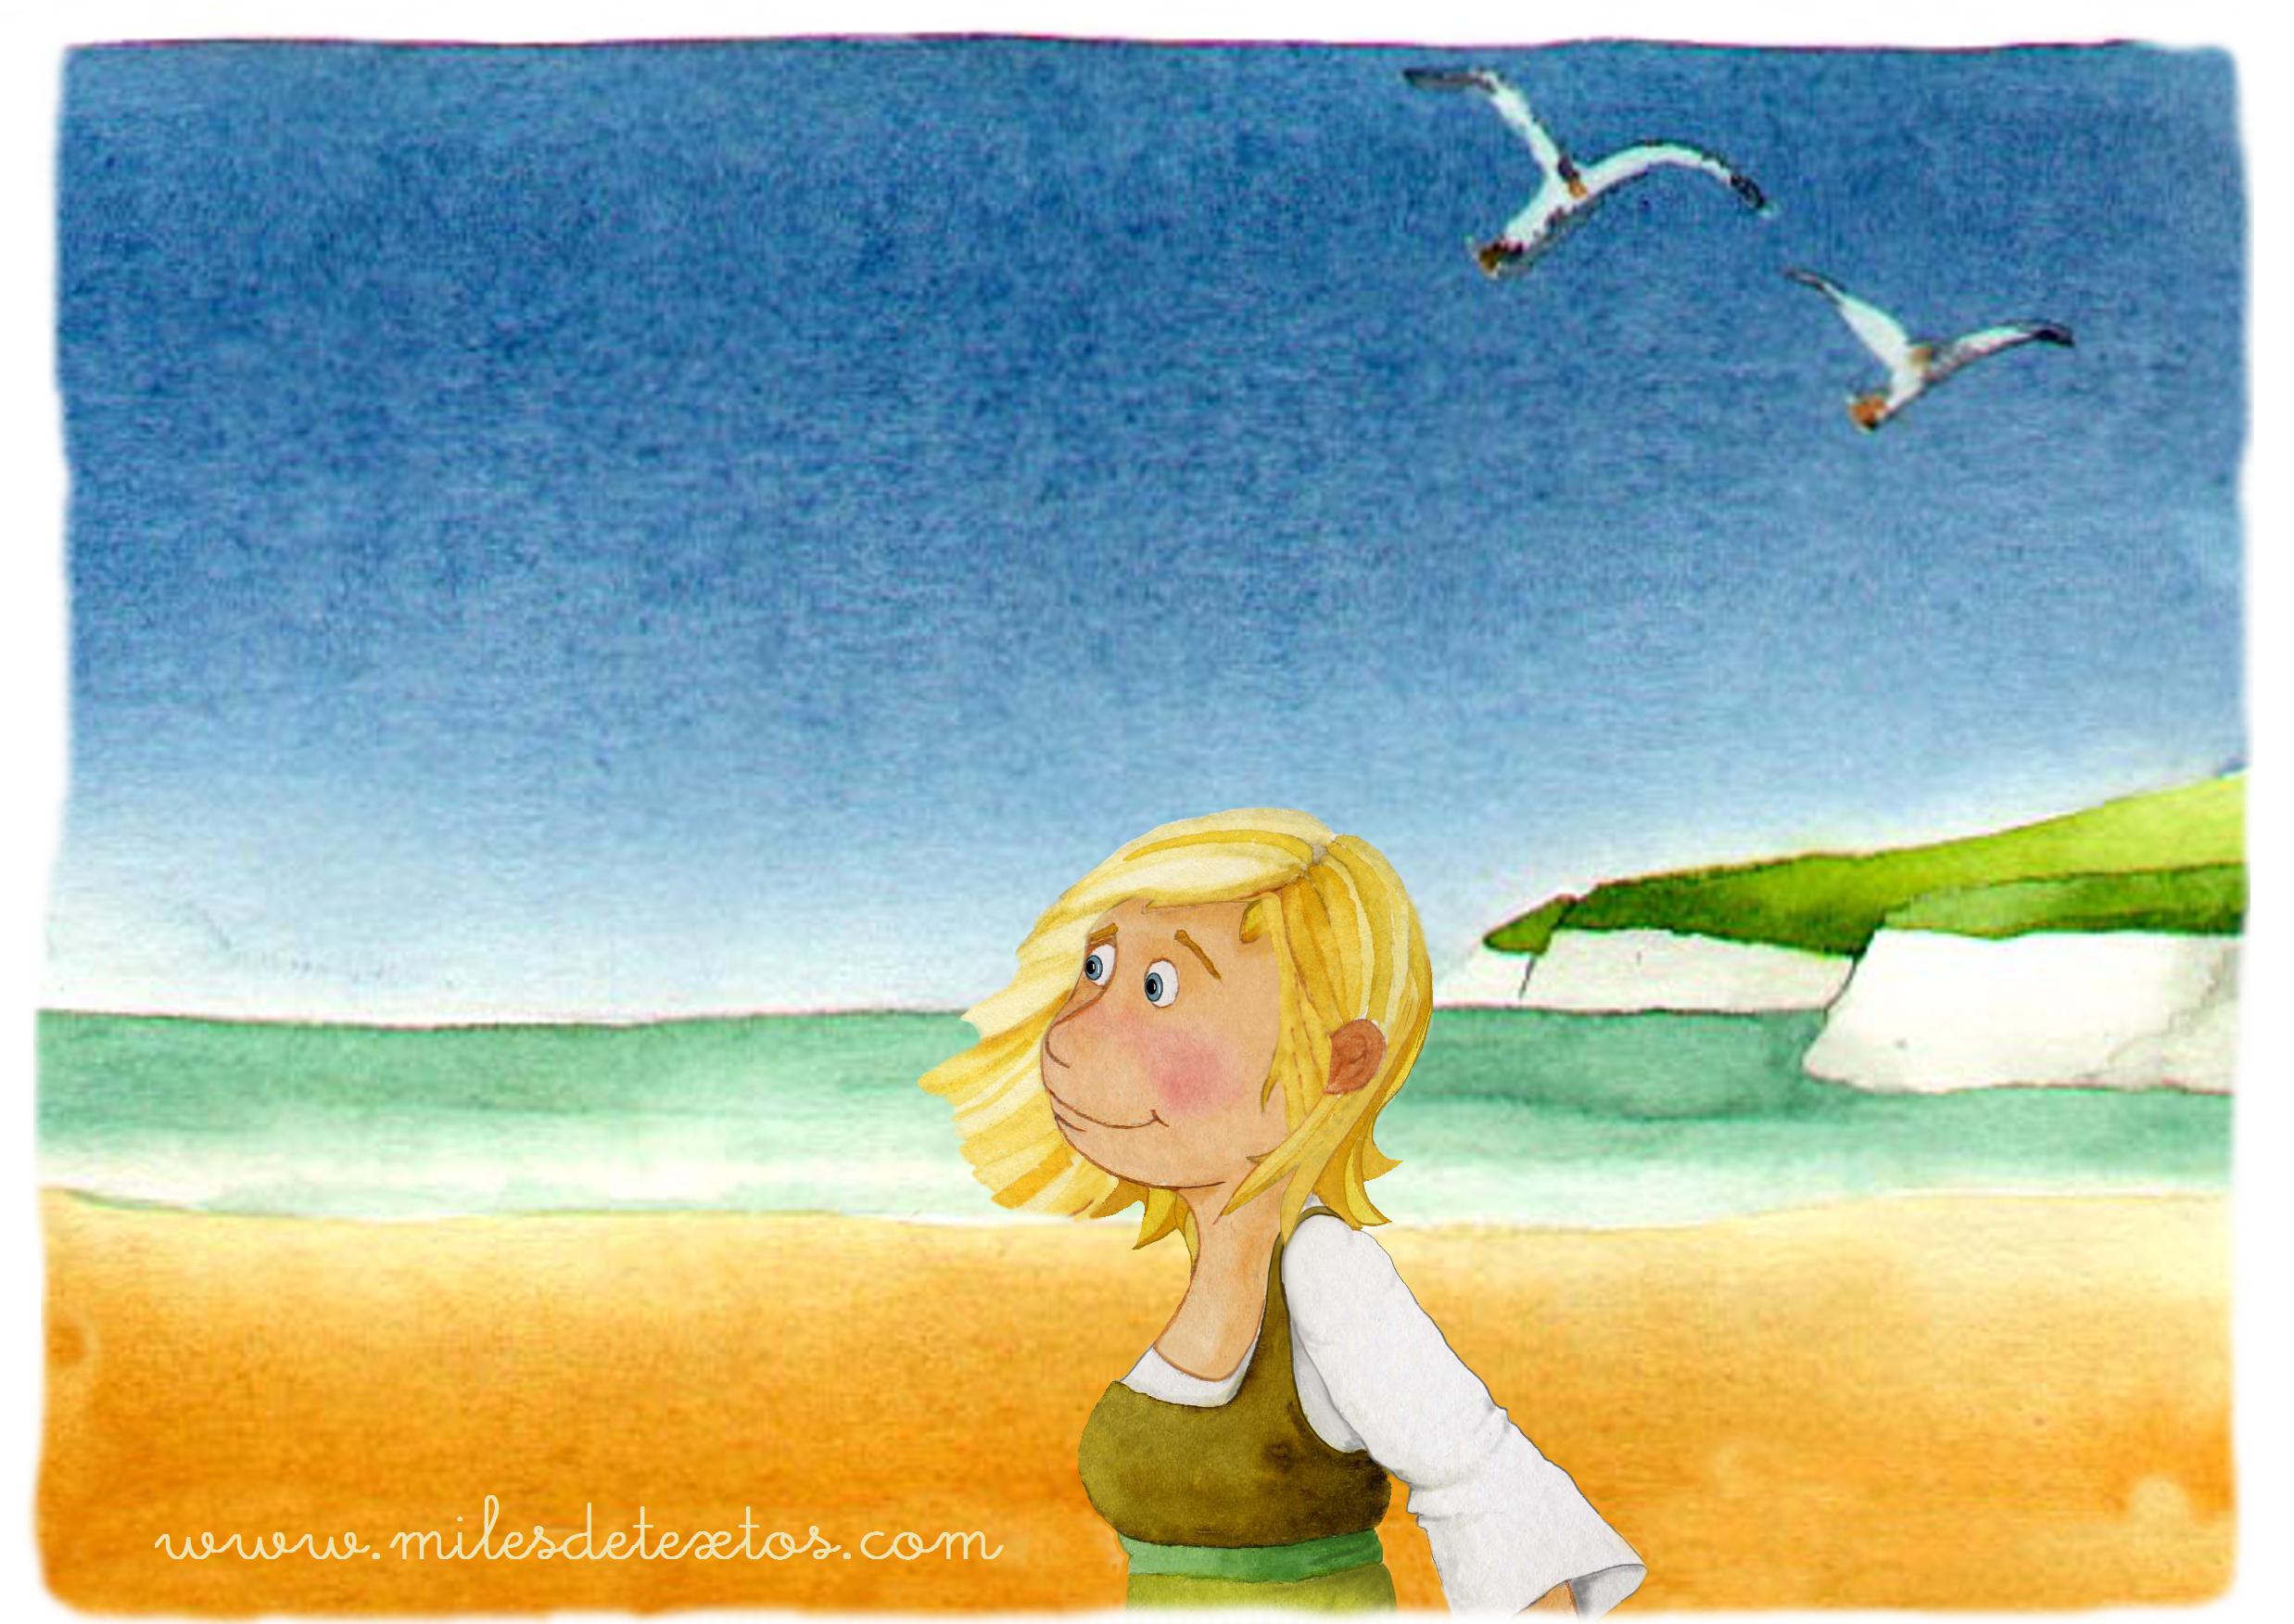 Marta playa.Milesdetextos